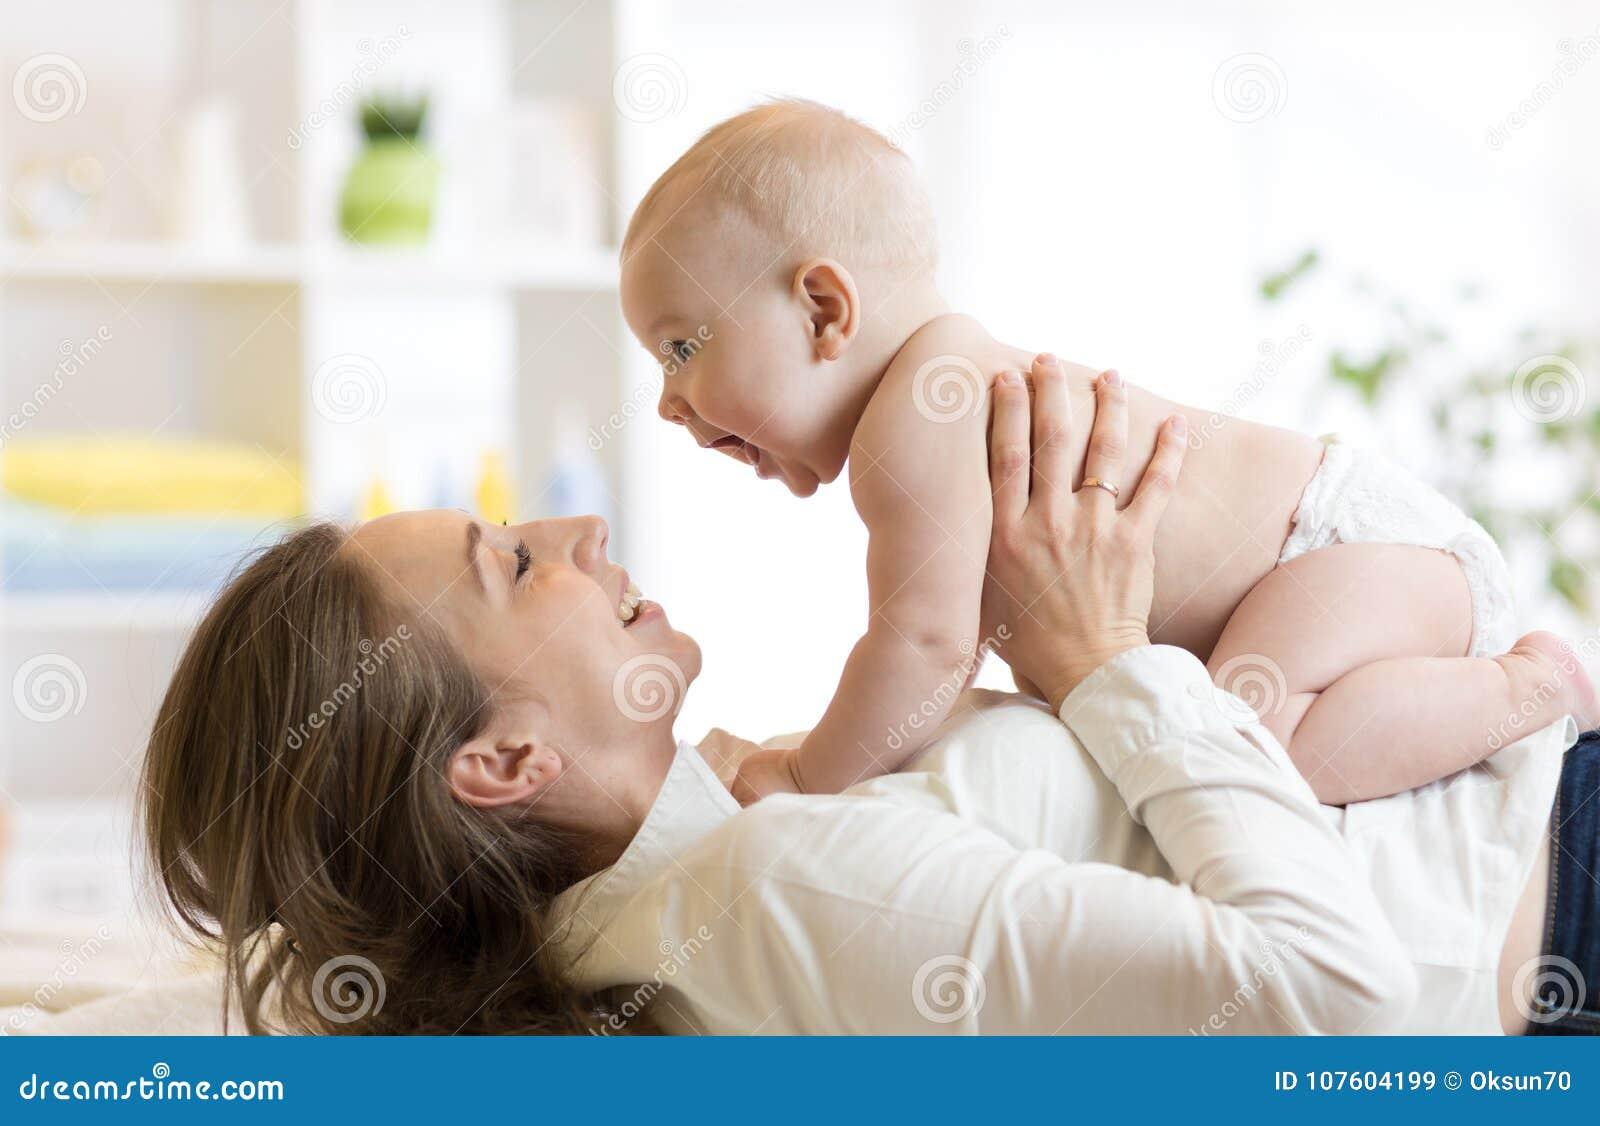 Madre e neonato in pannolino che gioca nella stanza soleggiata Genitore e bambino che si rilassano a casa Famiglia che ha diverti